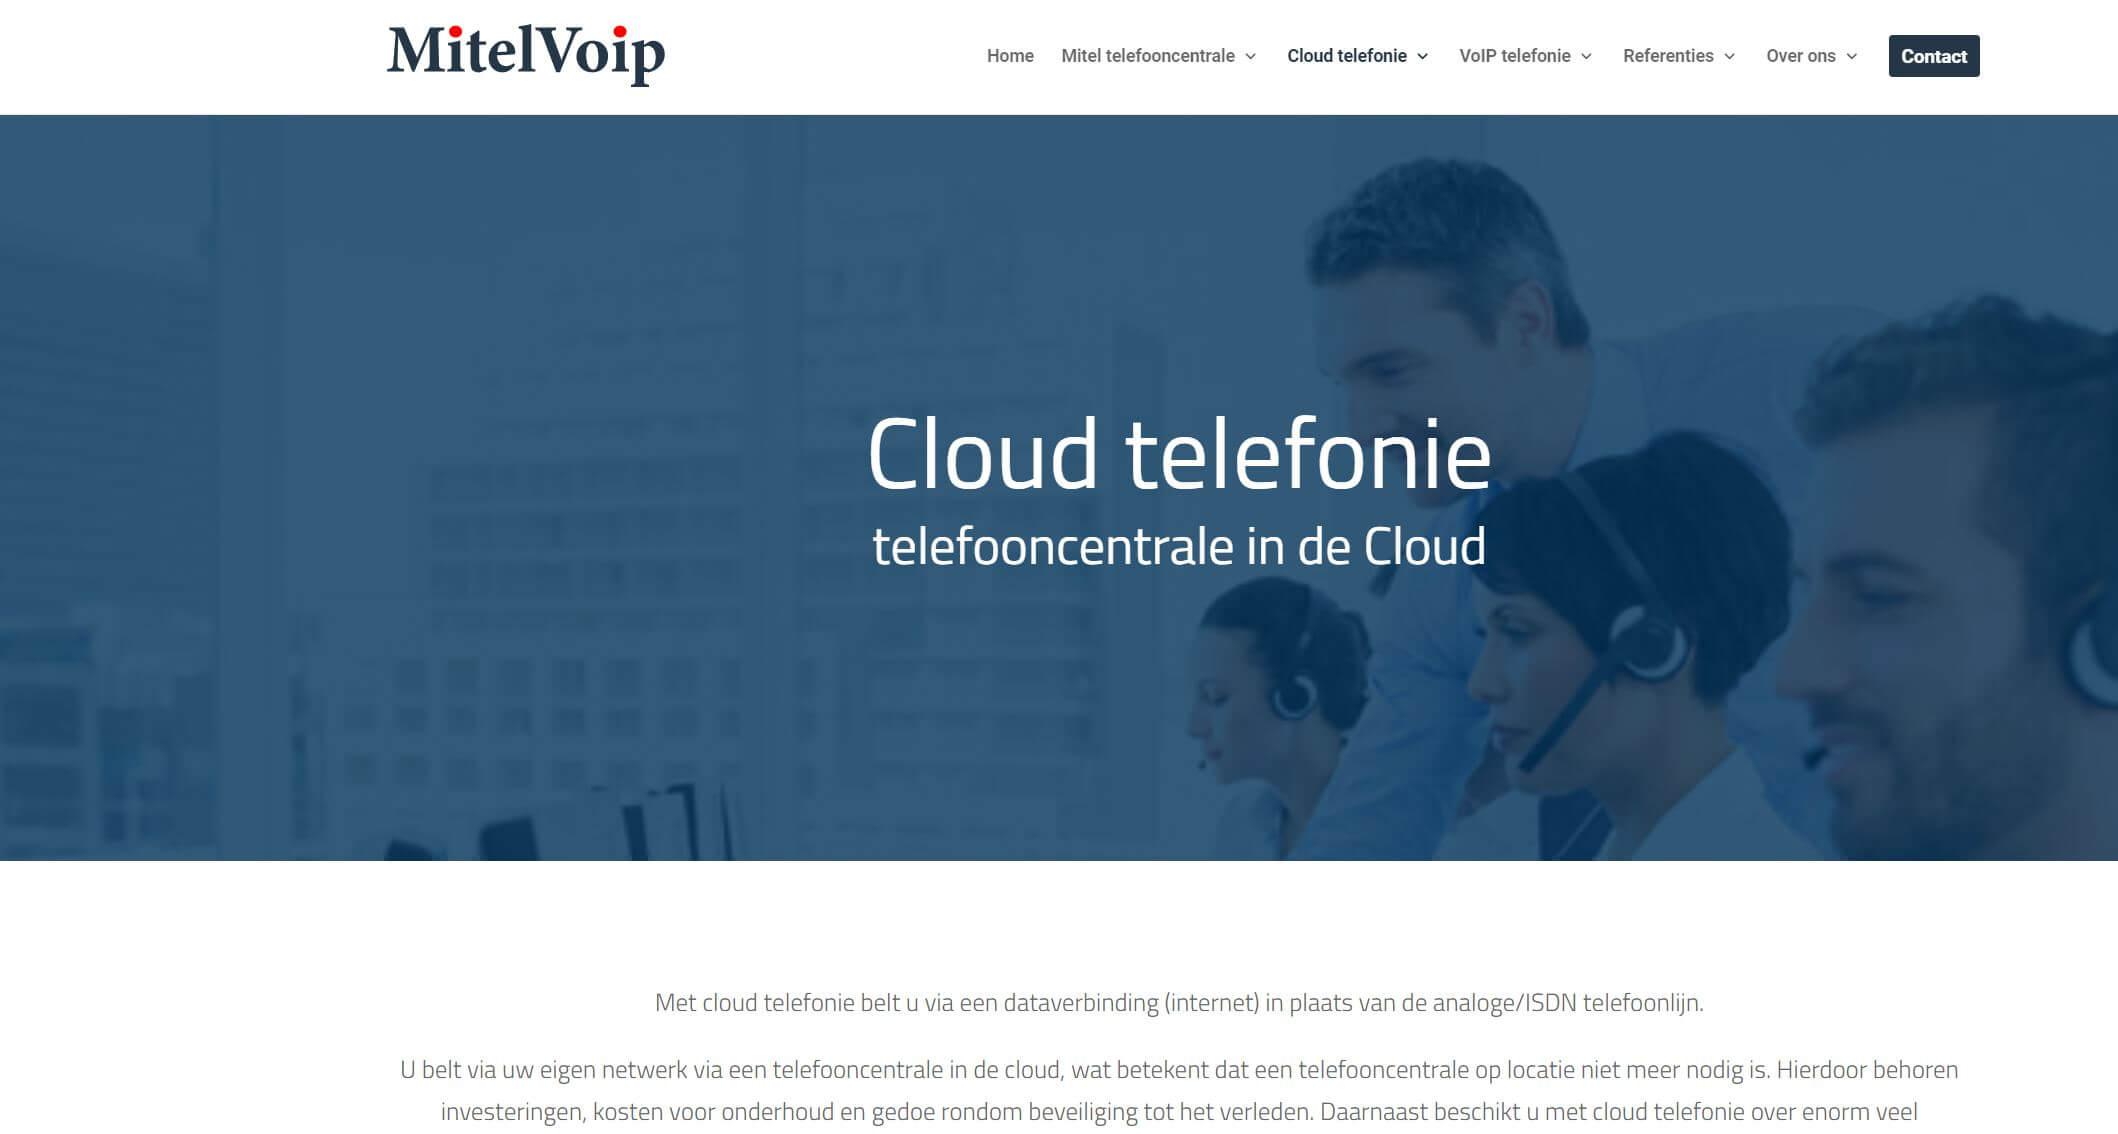 website mitelvoip.nl